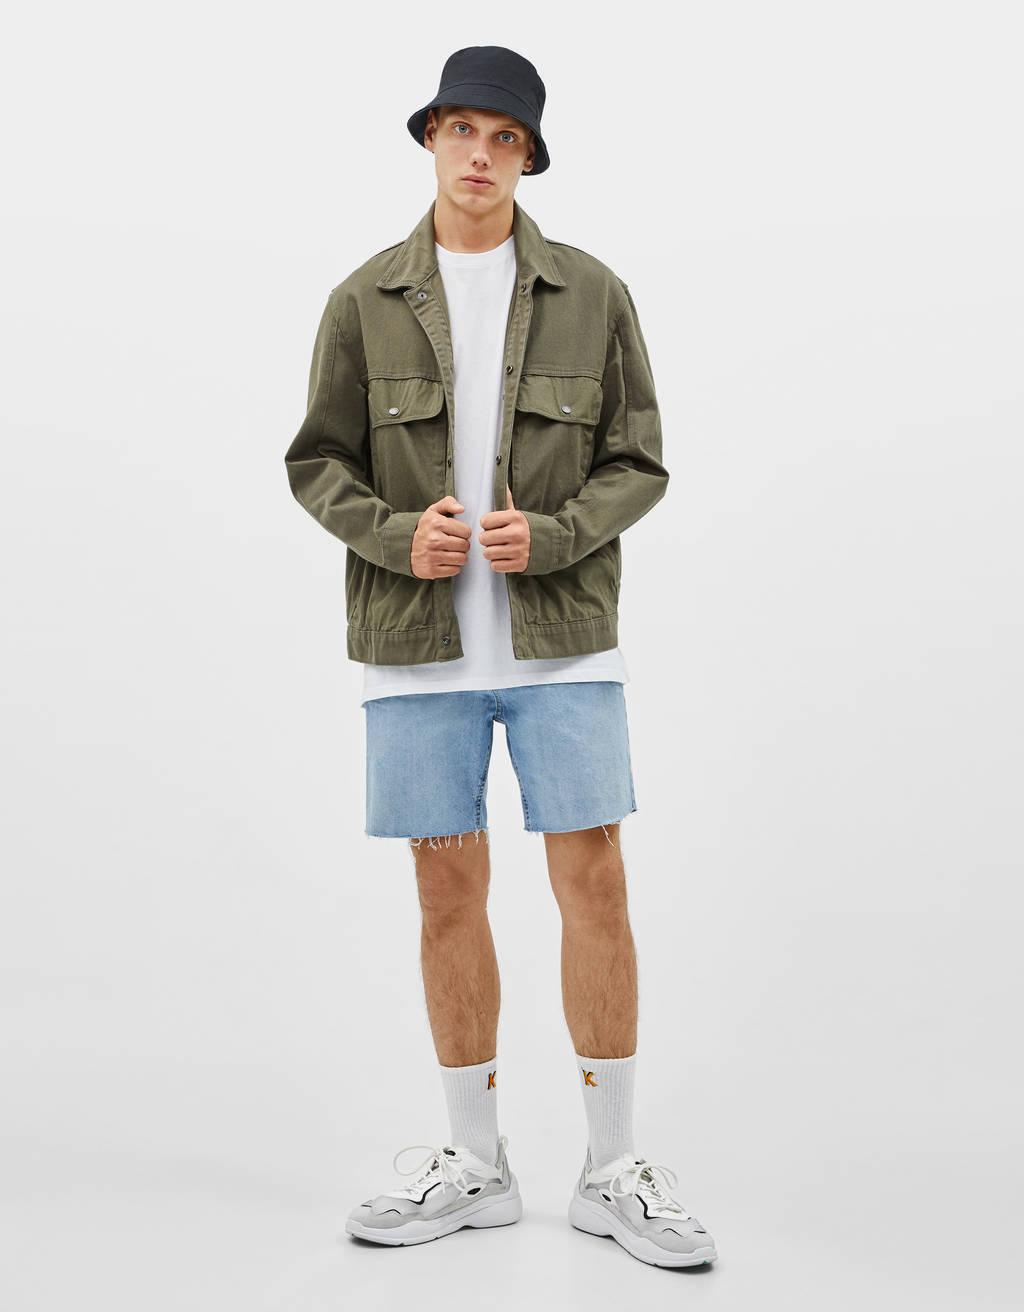 Cieši pieguļoši džinsu šorti